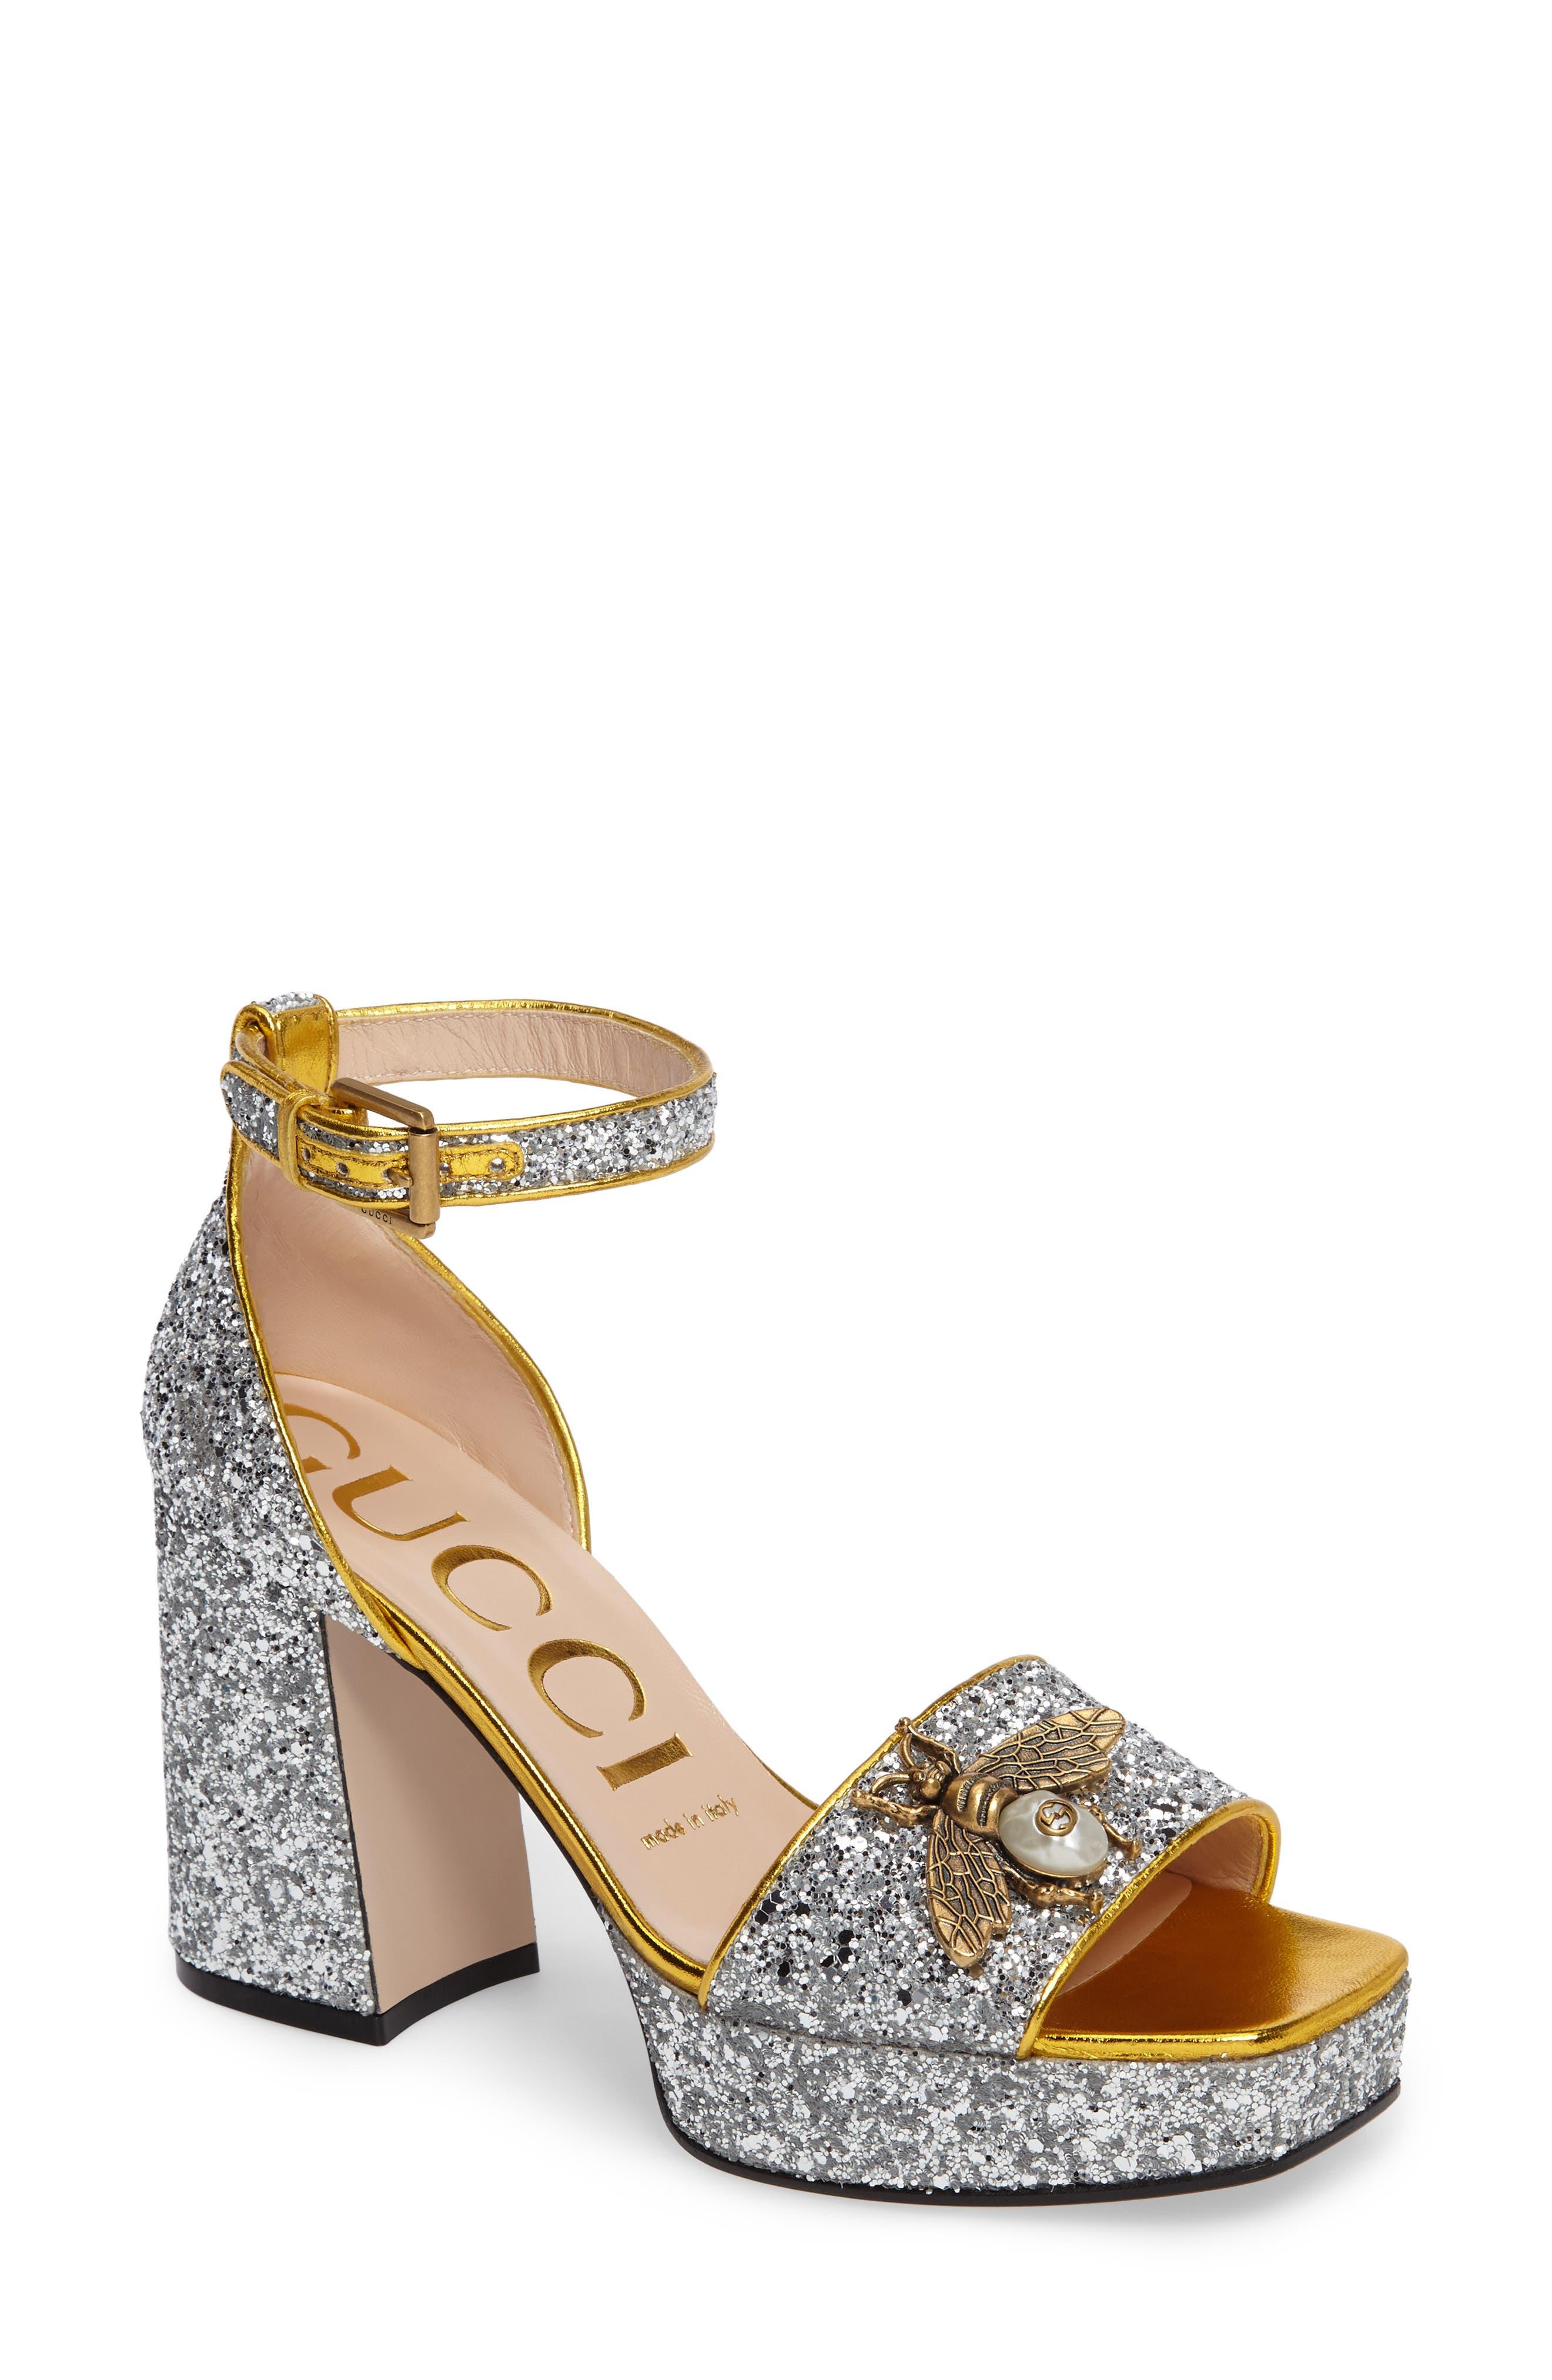 GUCCI Soko Glitter Bee Sandal, Main, color, 040